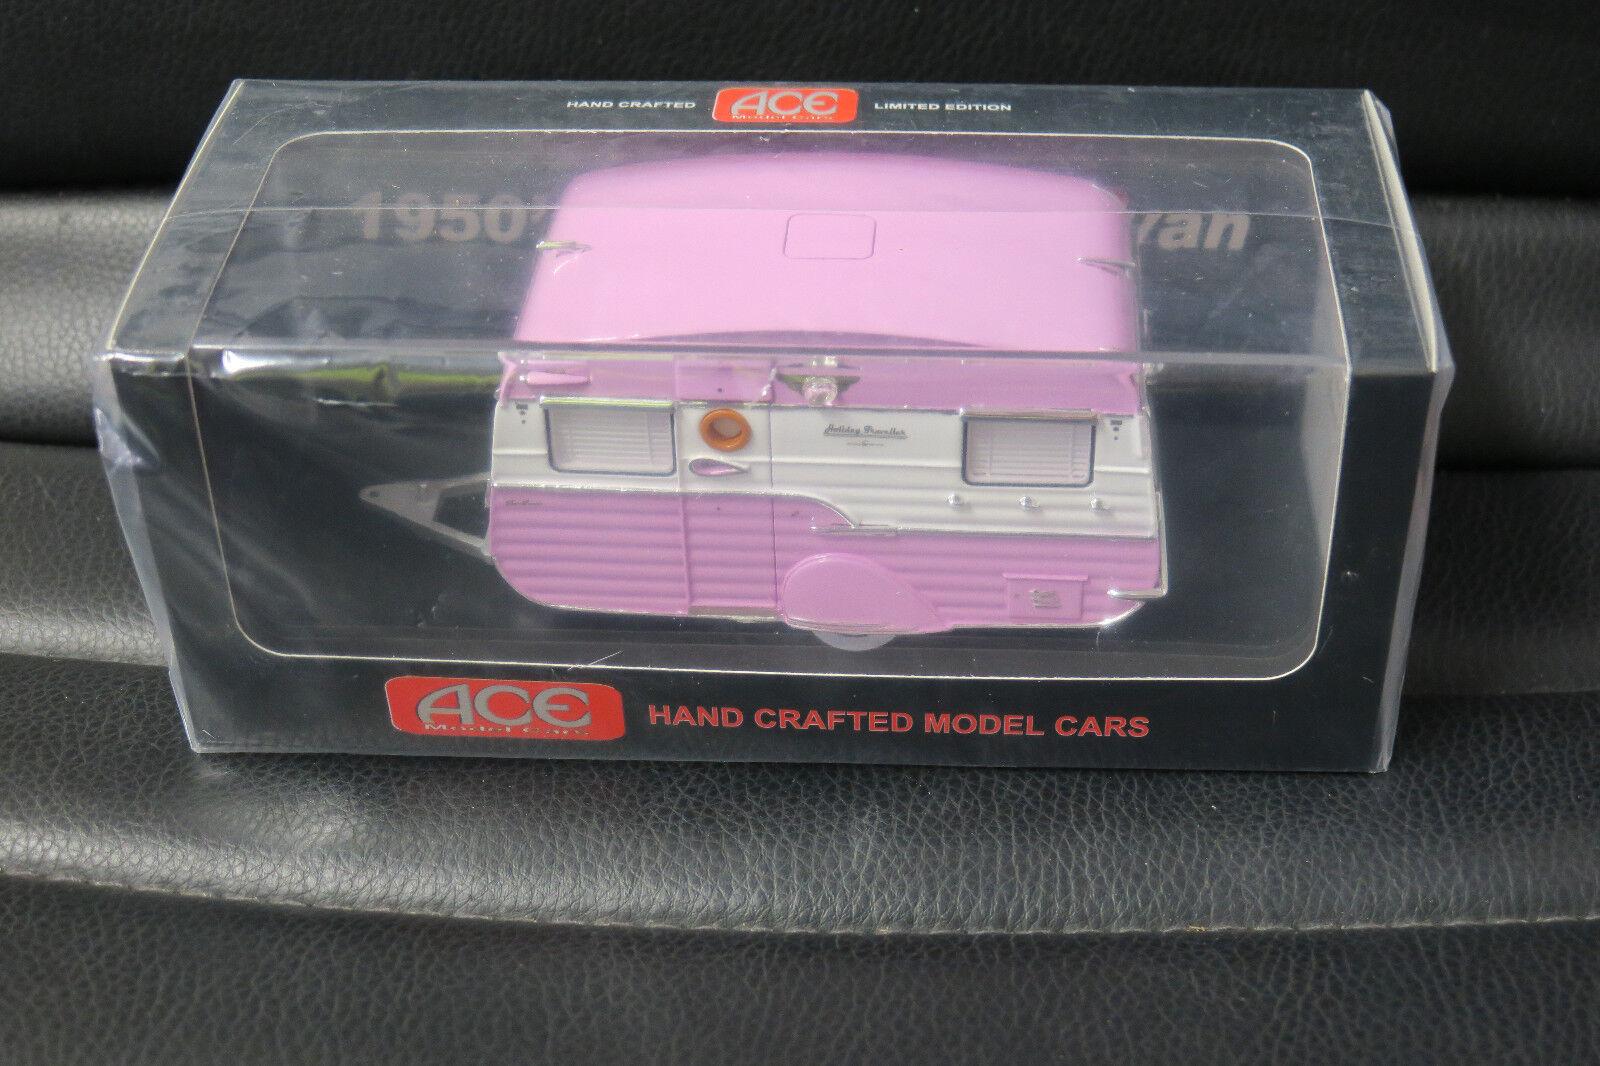 1 43 ACE MODEL CARS 1950's STYLIZED CARAVAN  purpleC  AWESOME LOOKING MODEL LTD